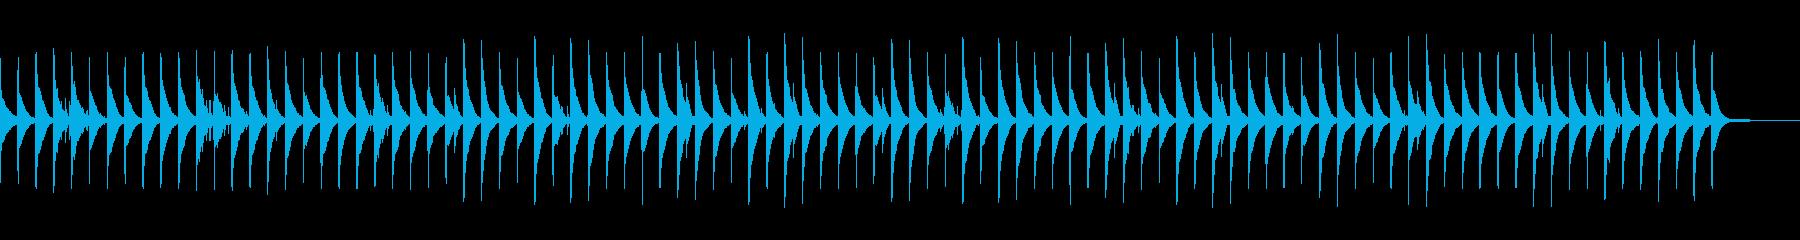 まったりしてなかなかやる気が起きない曲の再生済みの波形